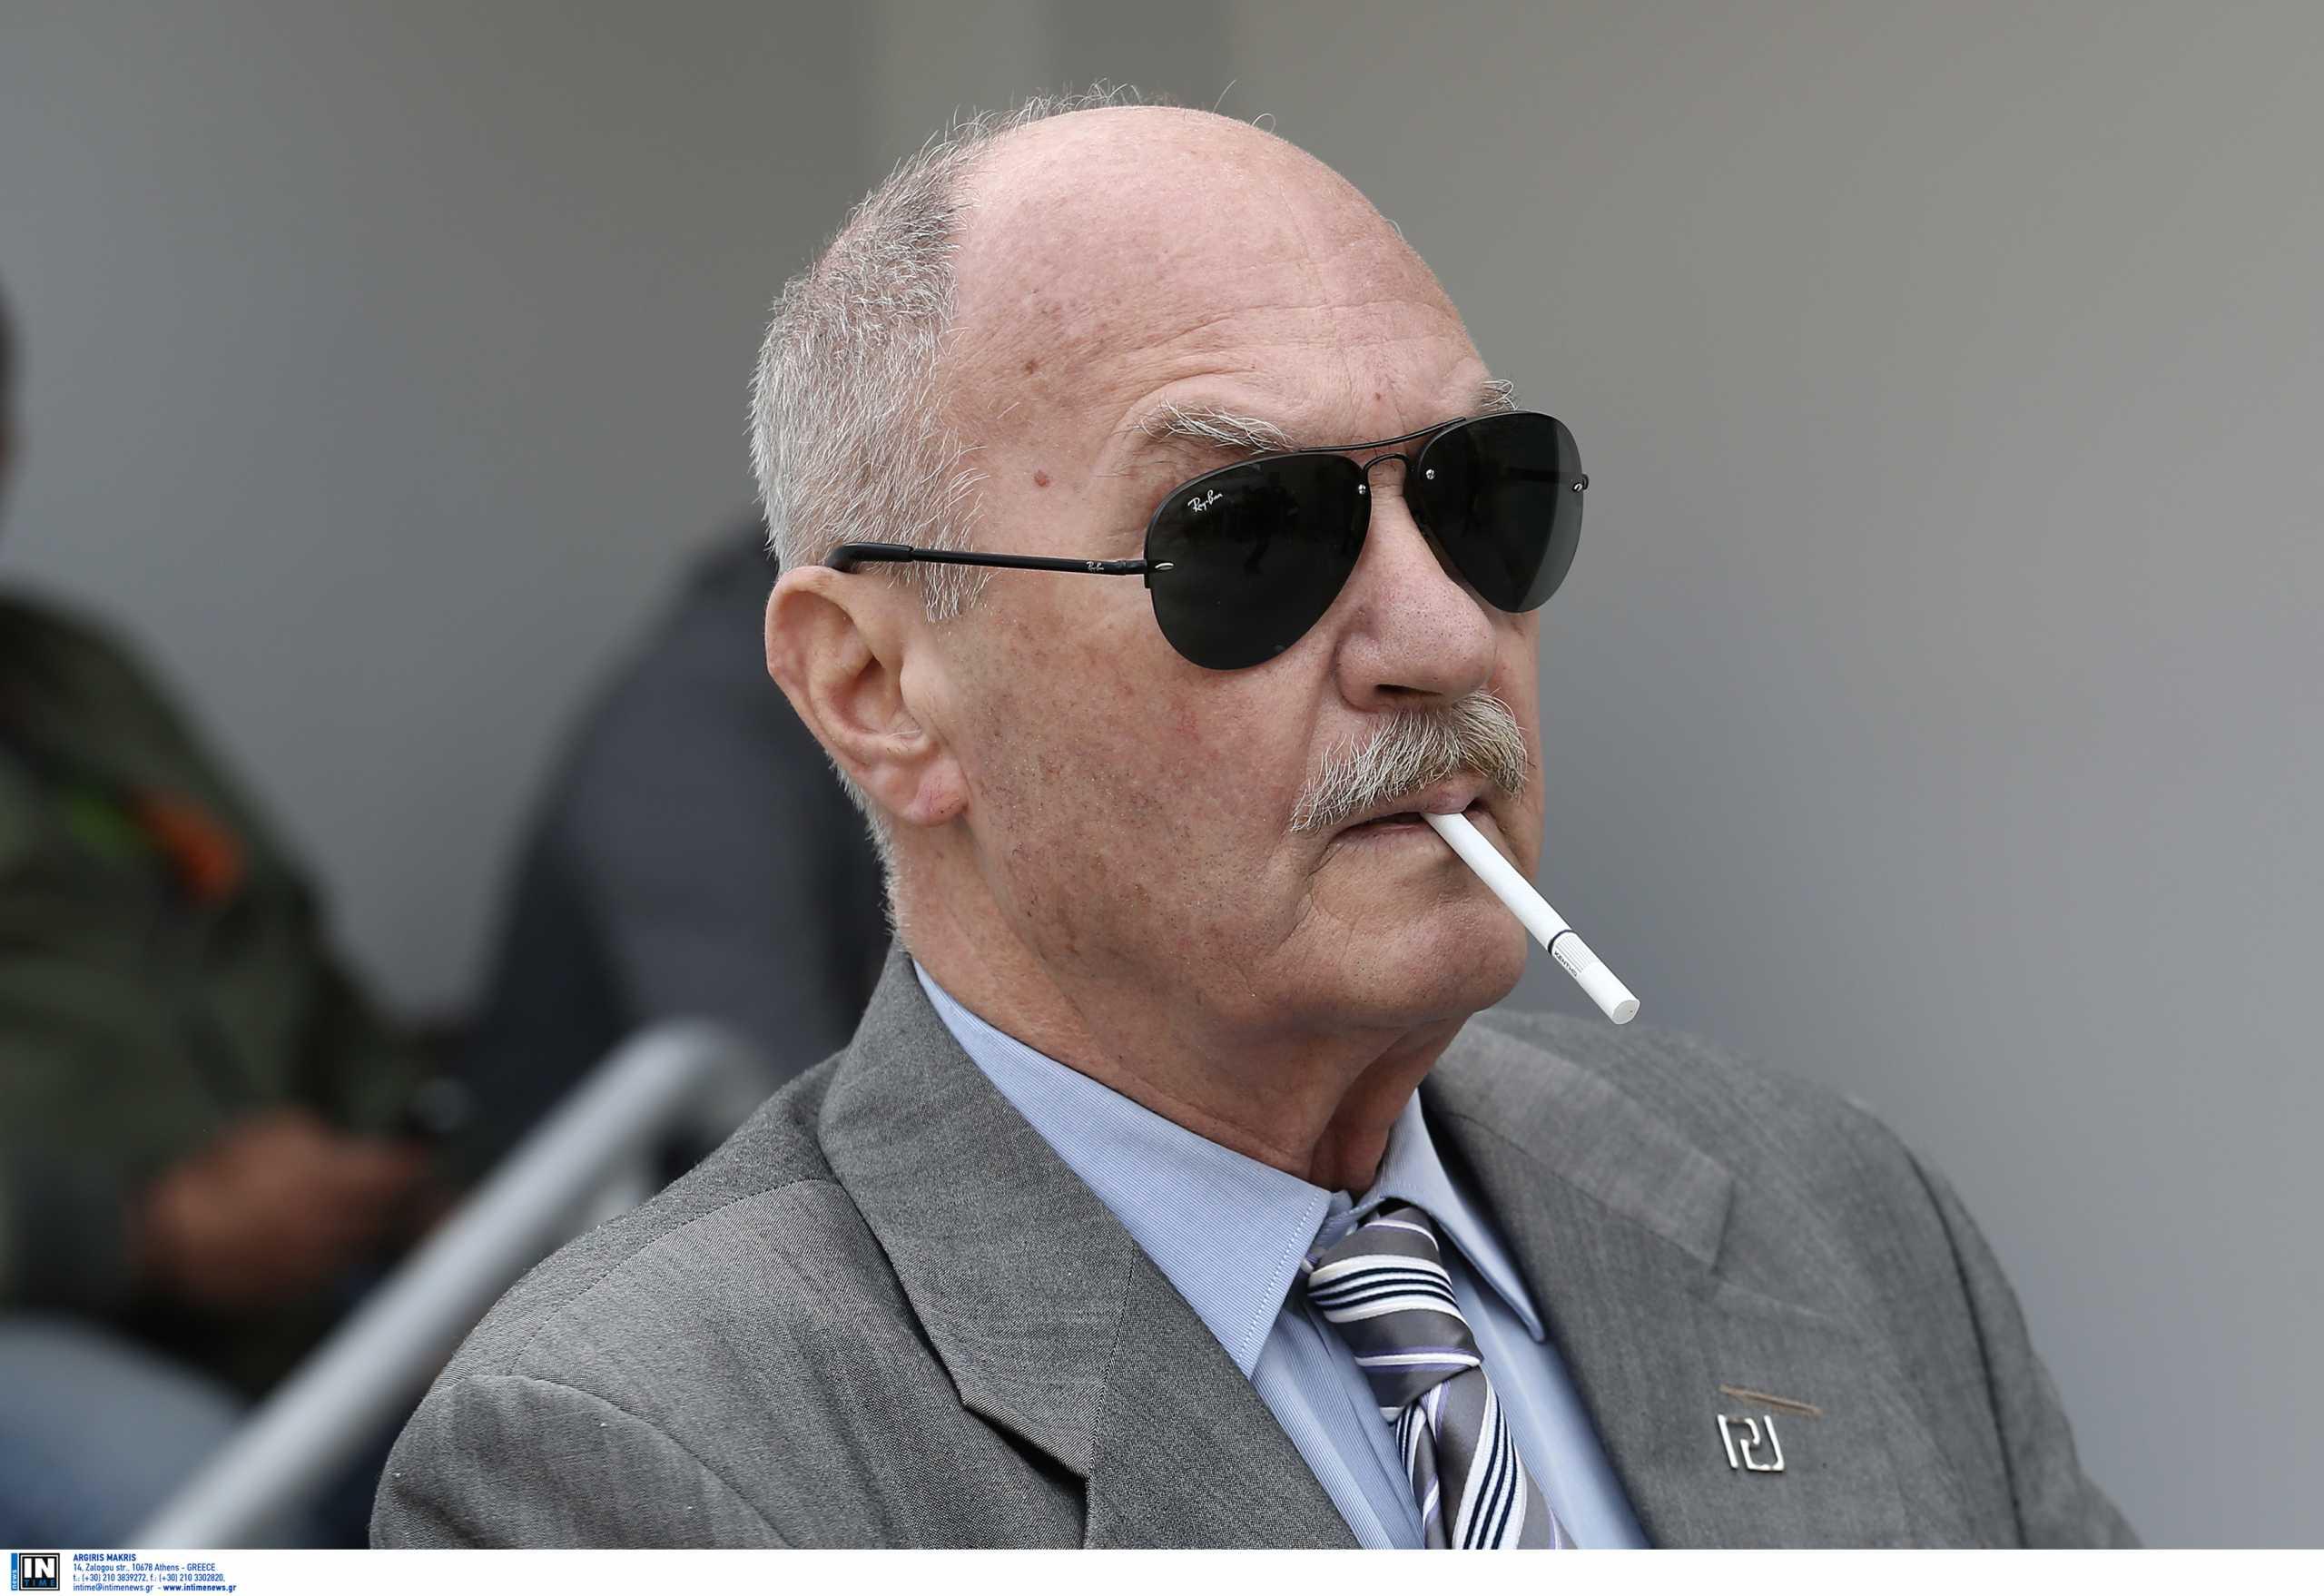 Μιχάλης Αρβανίτης: Συνελήφθη ο πρώην βουλευτής της Χρυσής Αυγής – Ξανά στον εισαγγελέα